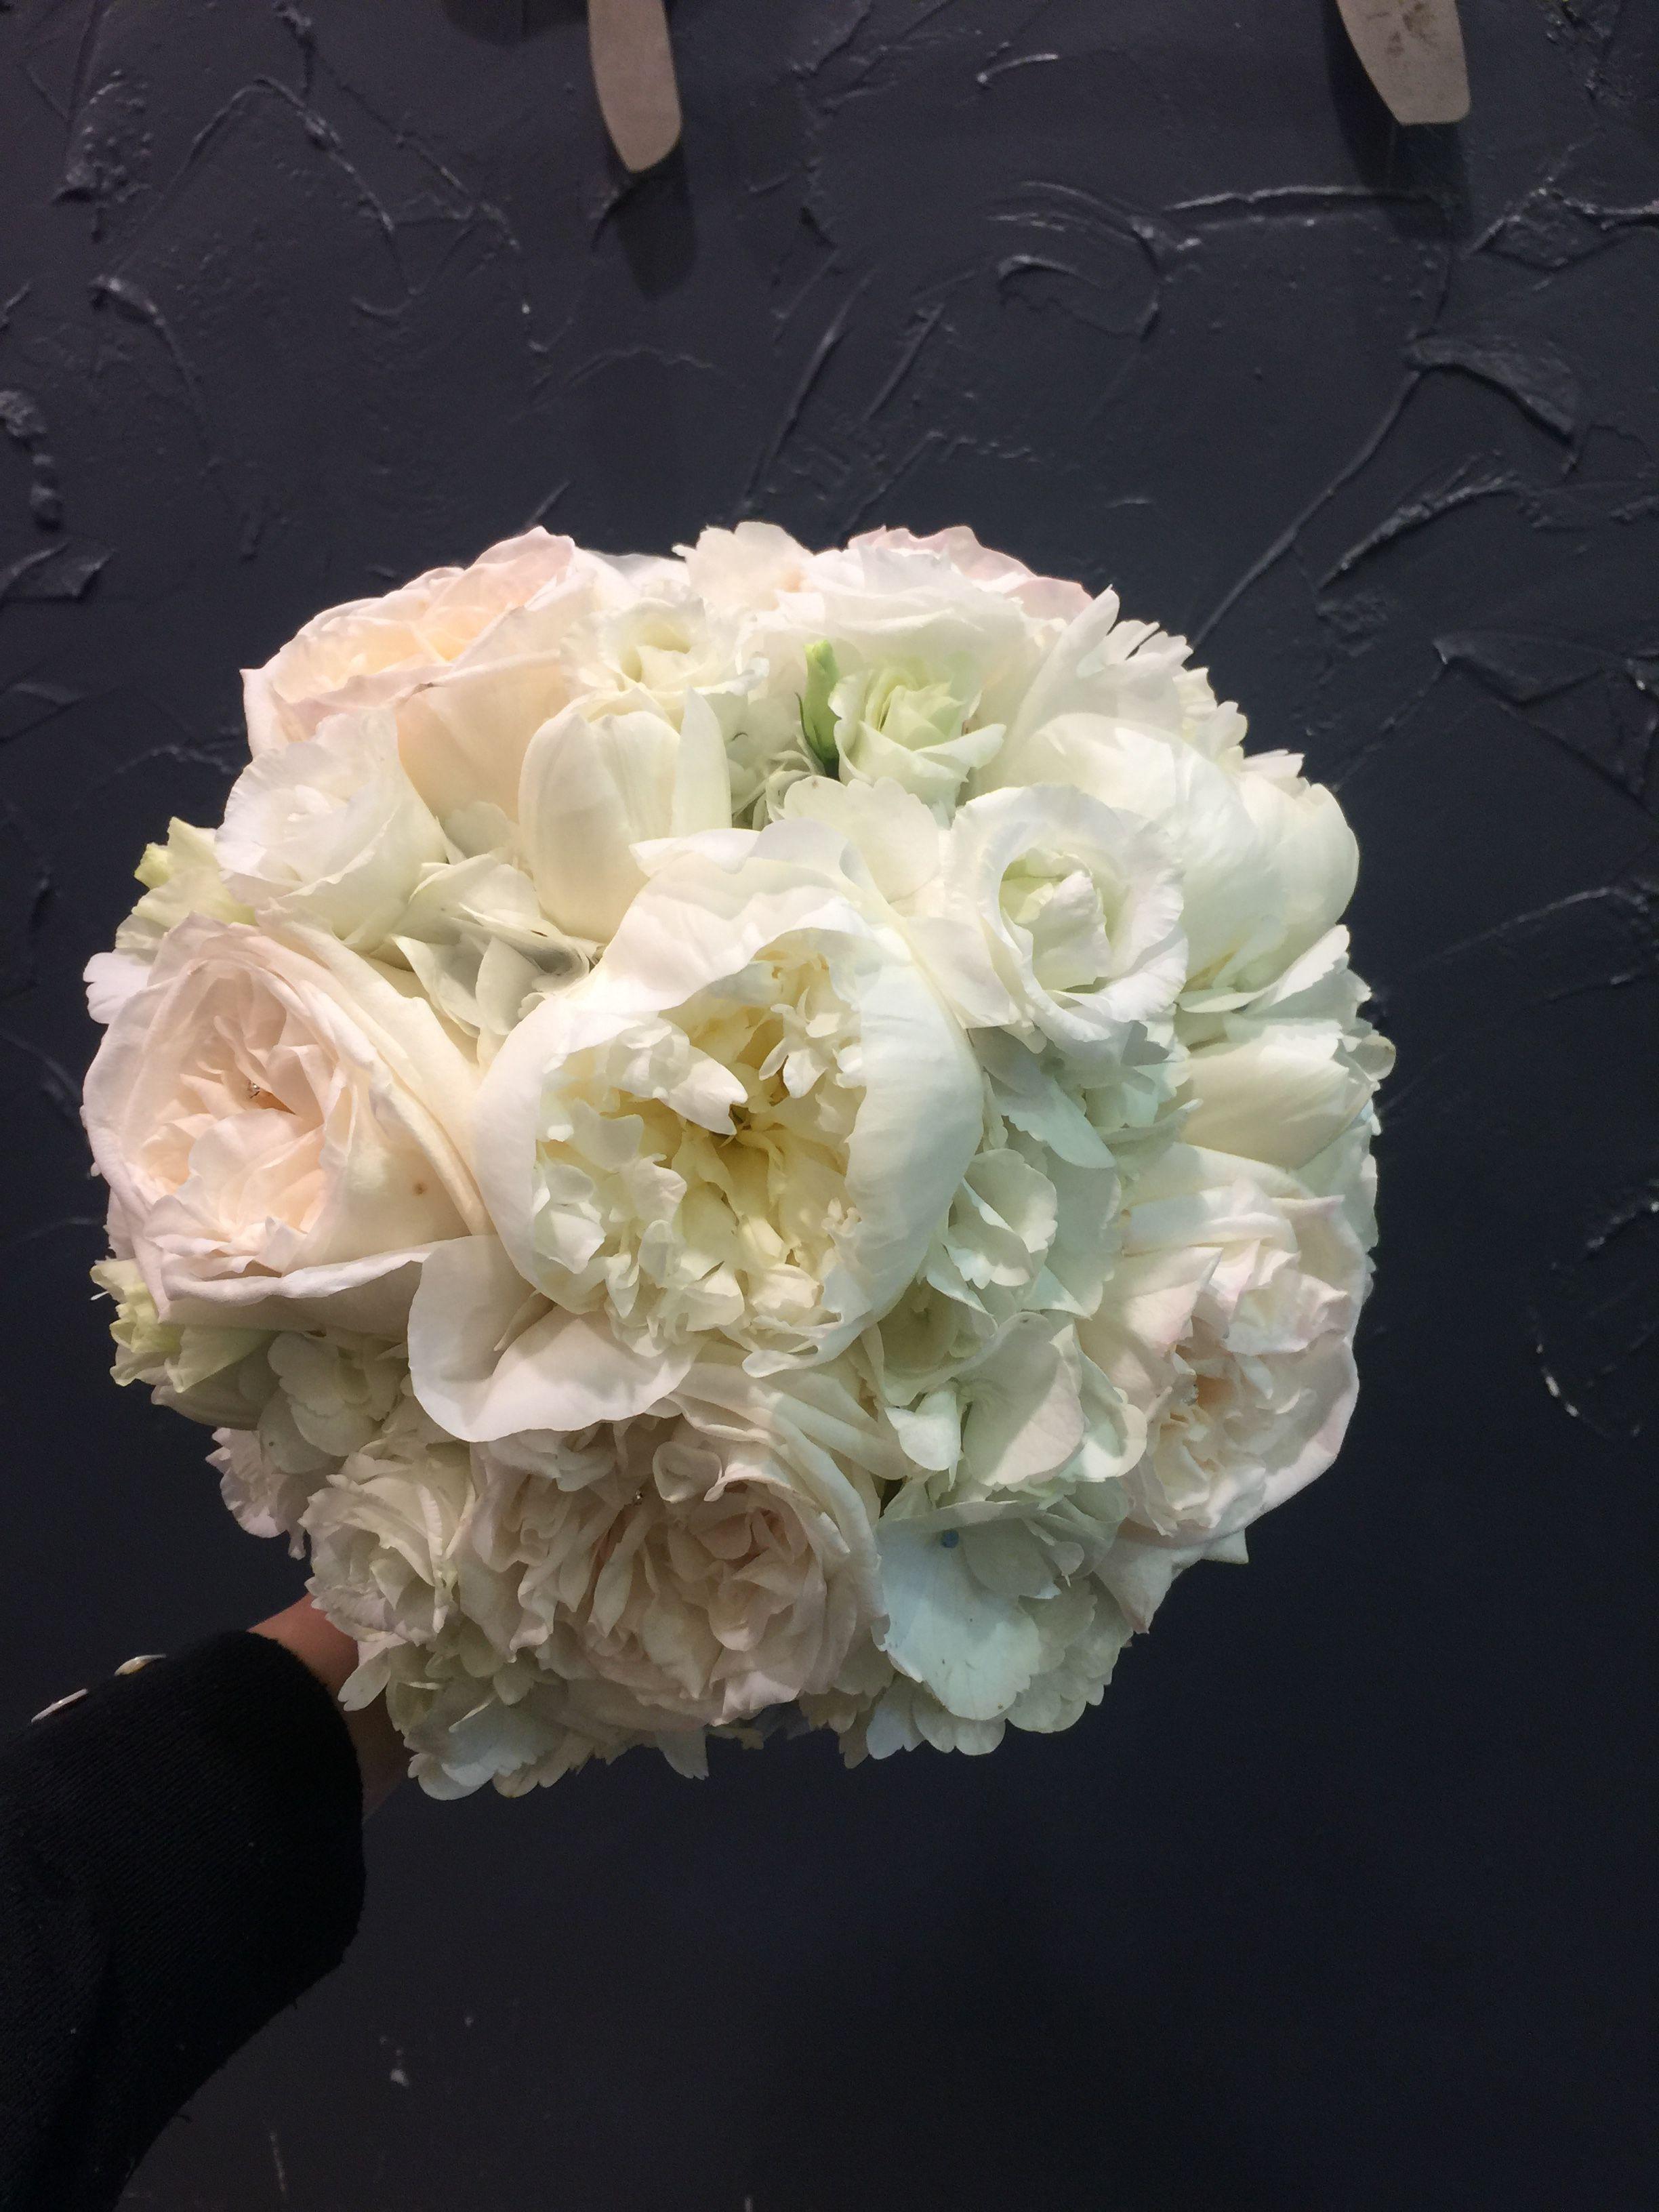 Round white O'hara rose, peony rose, hydrangea, white tulips and white lisianthus bridal bouquet.